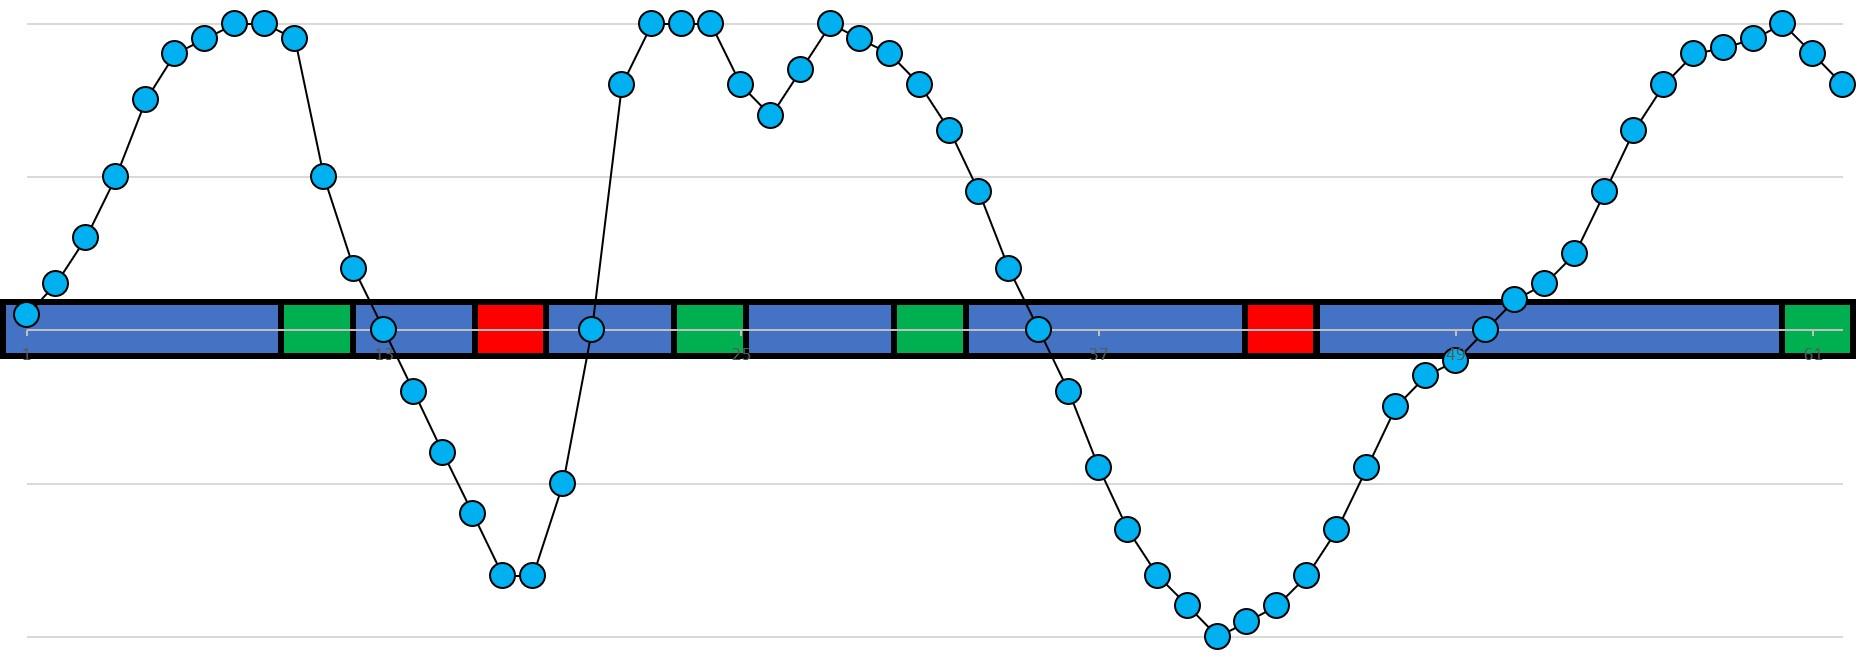 Genome wide allele frequency figure.jpg